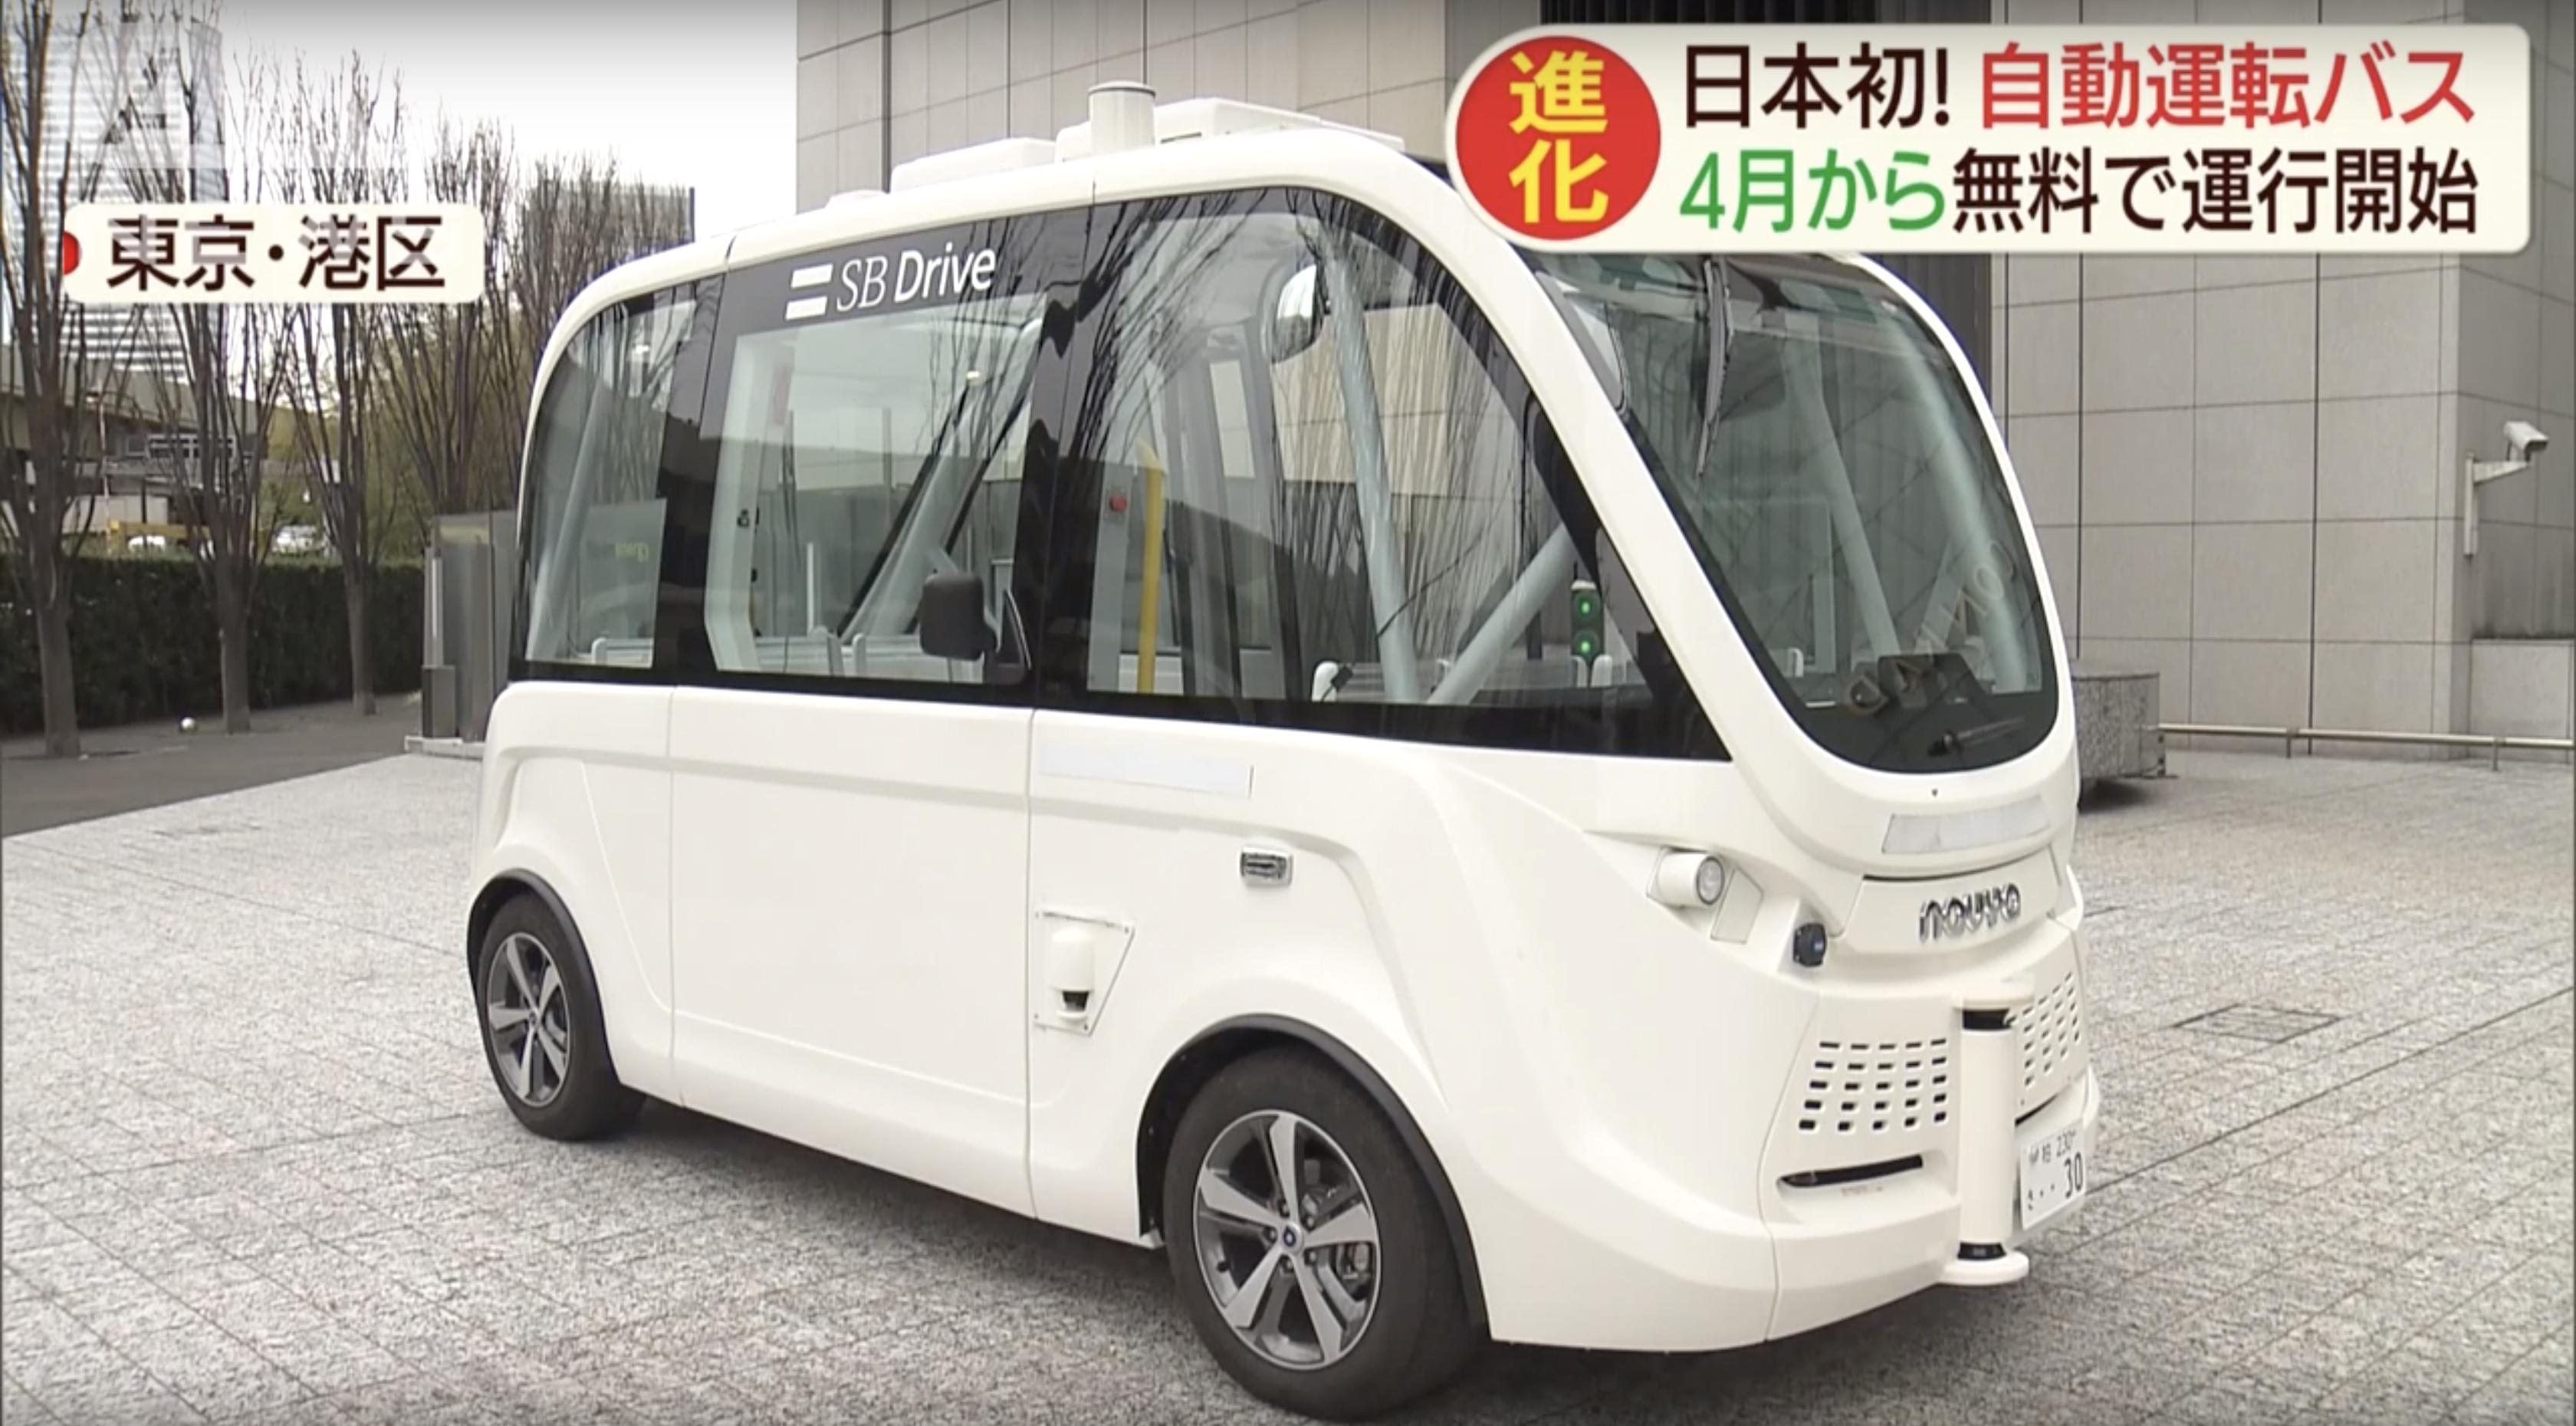 【自動運転 バス】4月から国内初の実用化